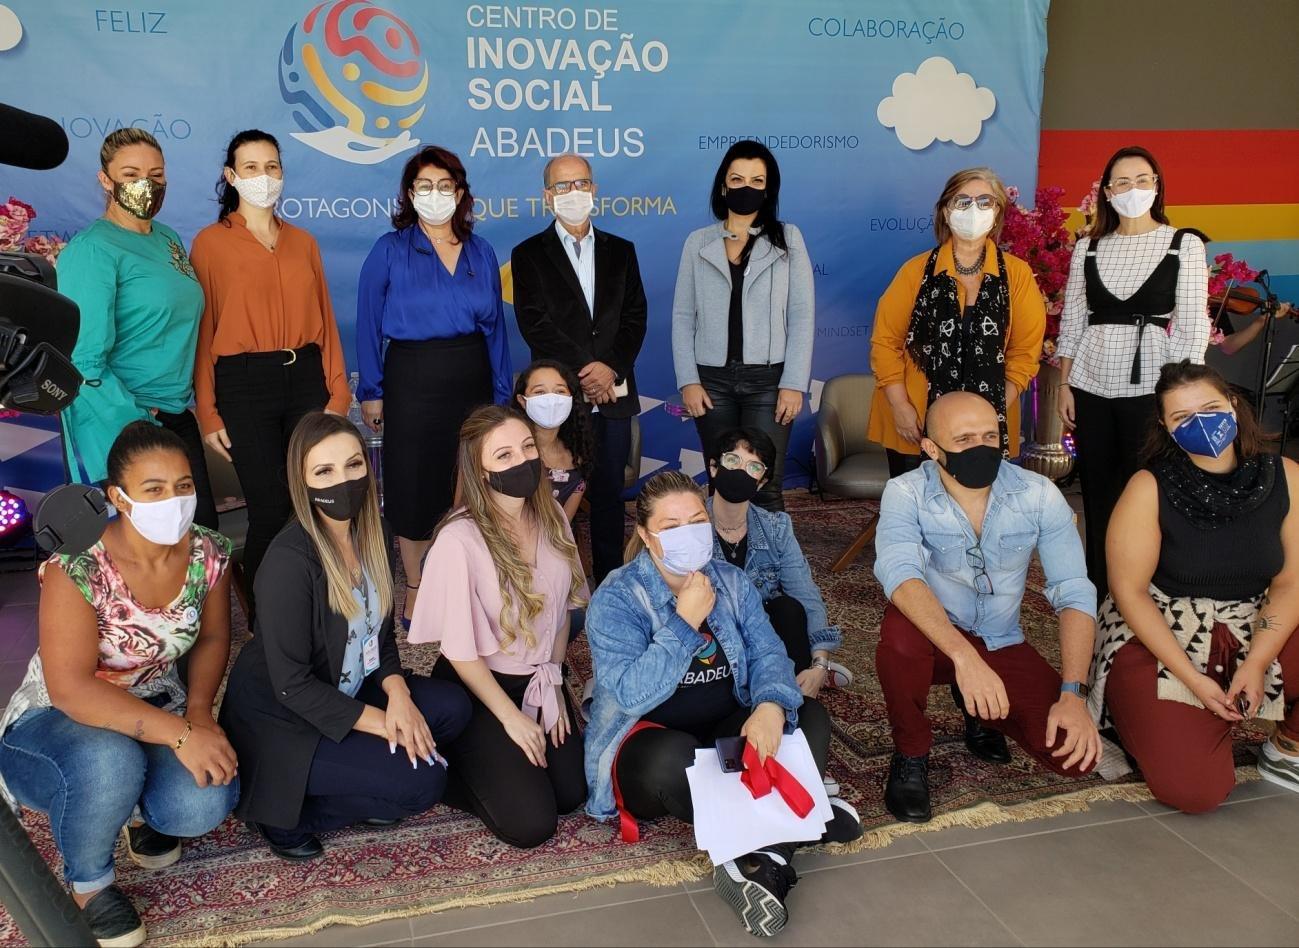 A ABADEUS esteve em comemoração dos 61 anos de história e inauguração do maior Centro de Inovação Social